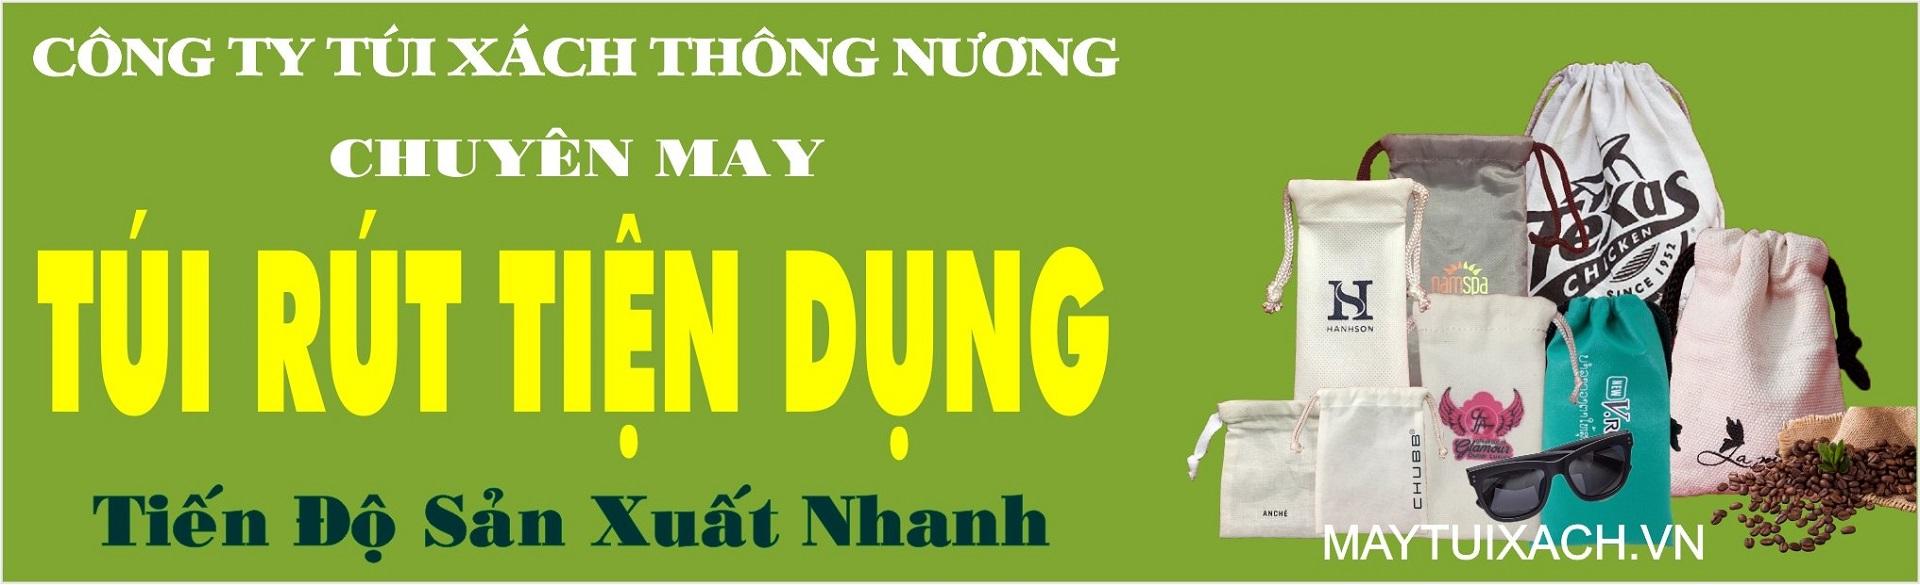 6-2021-may-tui-tien-dung-5